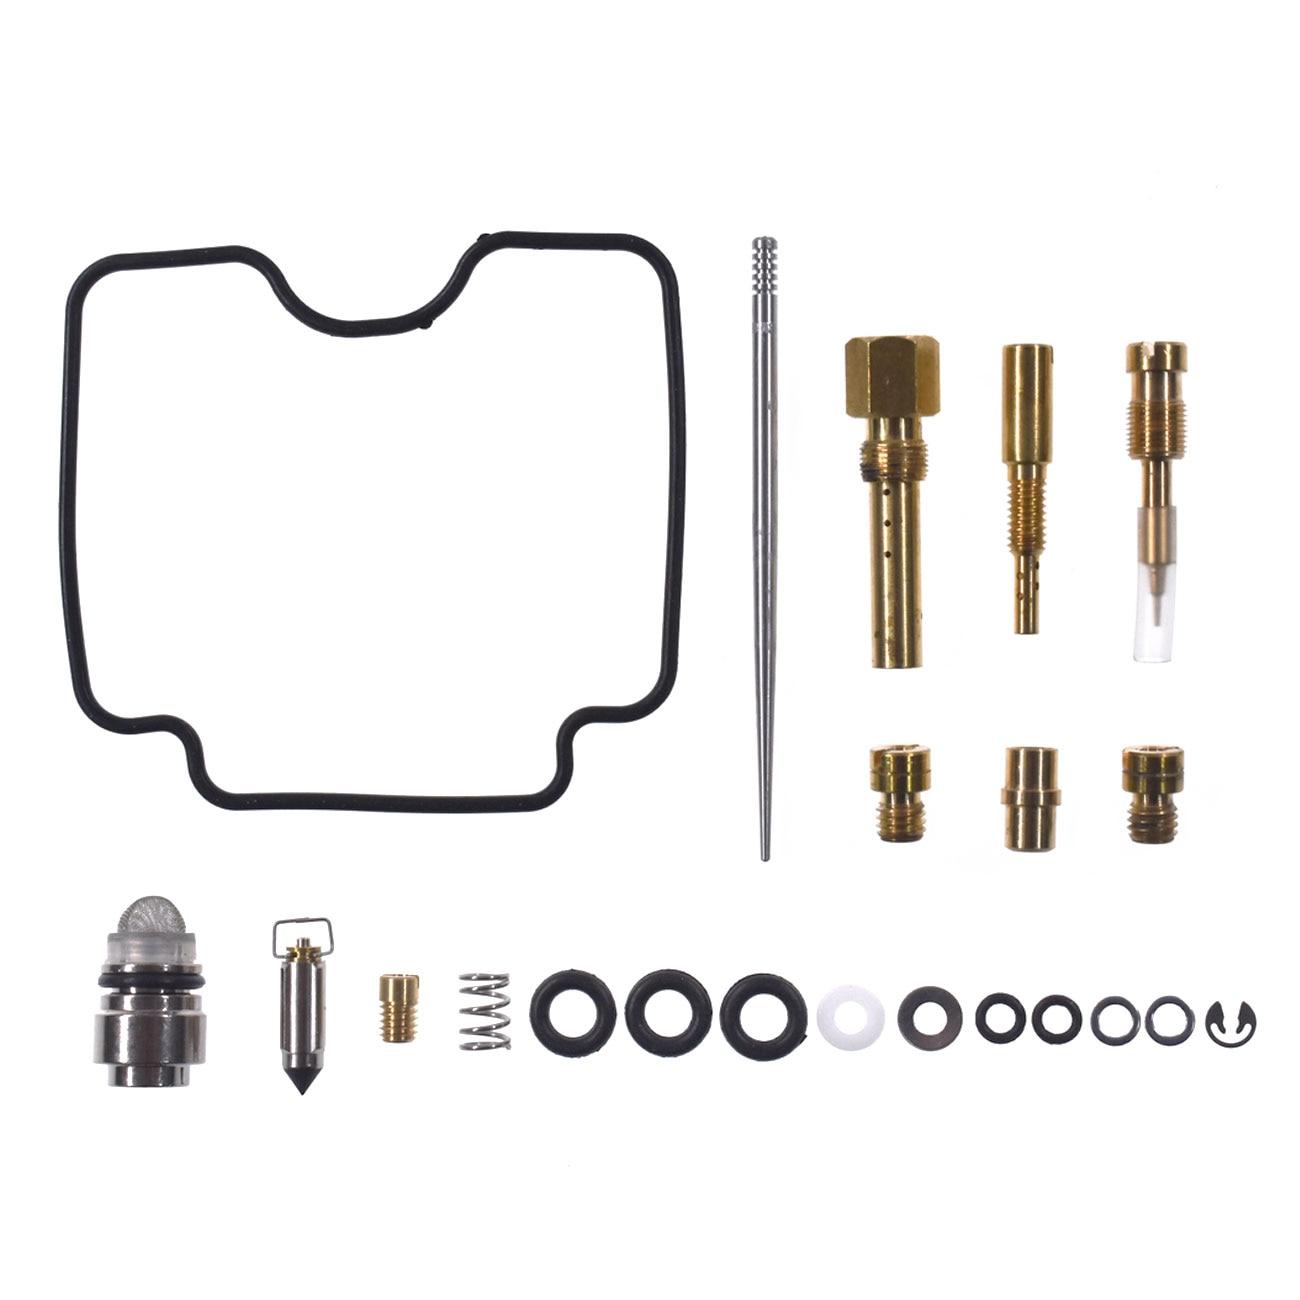 carburetor repair rebuild kit fits yamaha yfm400 big bear 400 2000 2012